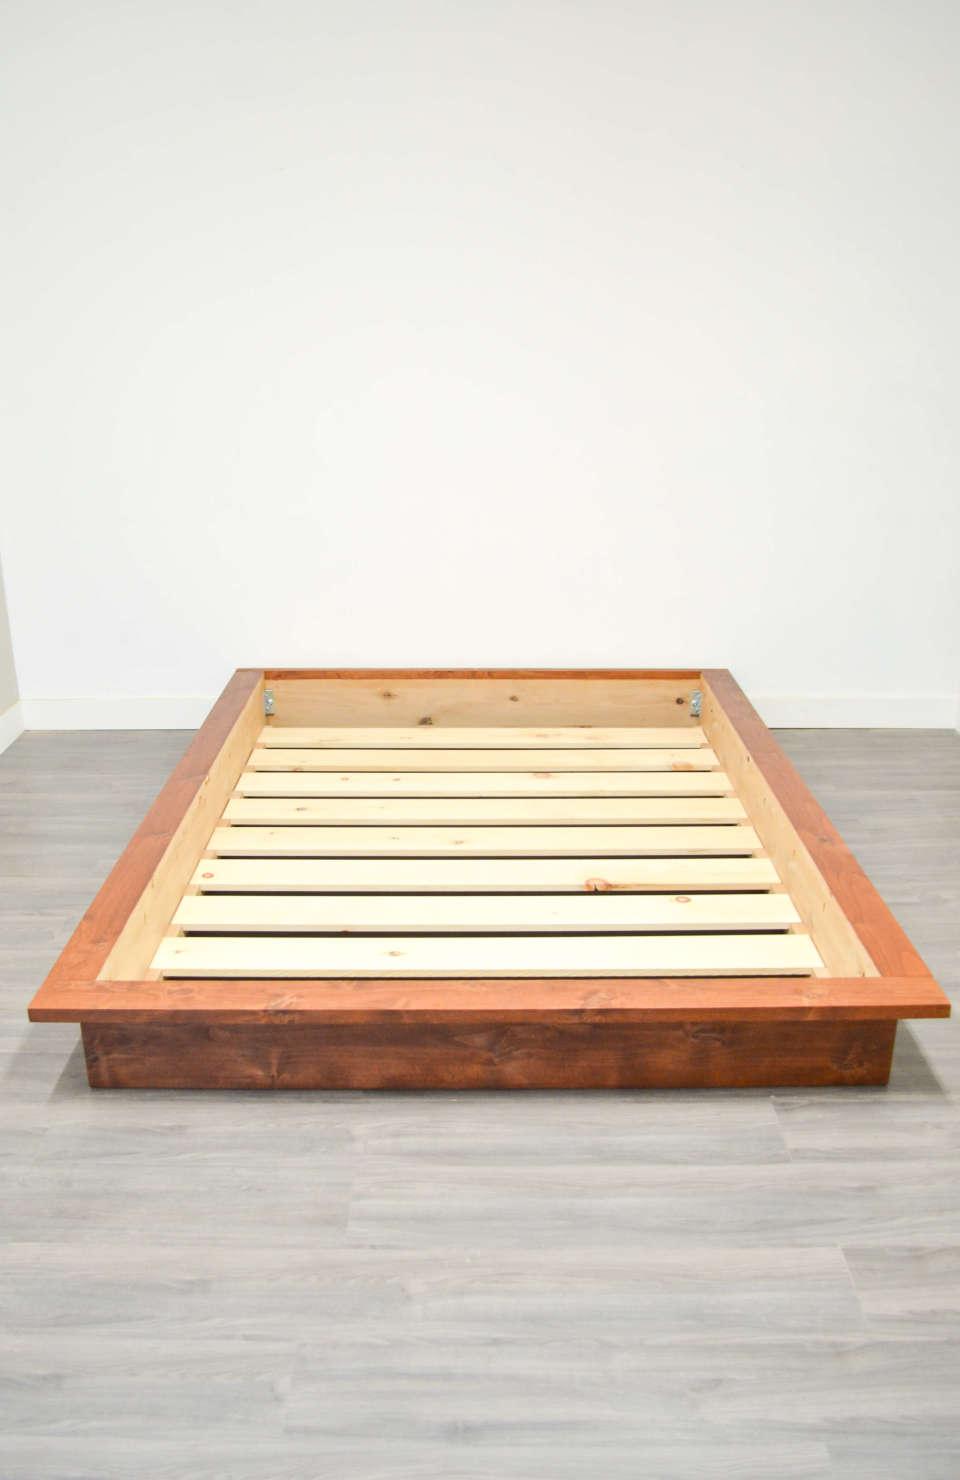 Athens platform bed frame no headboard